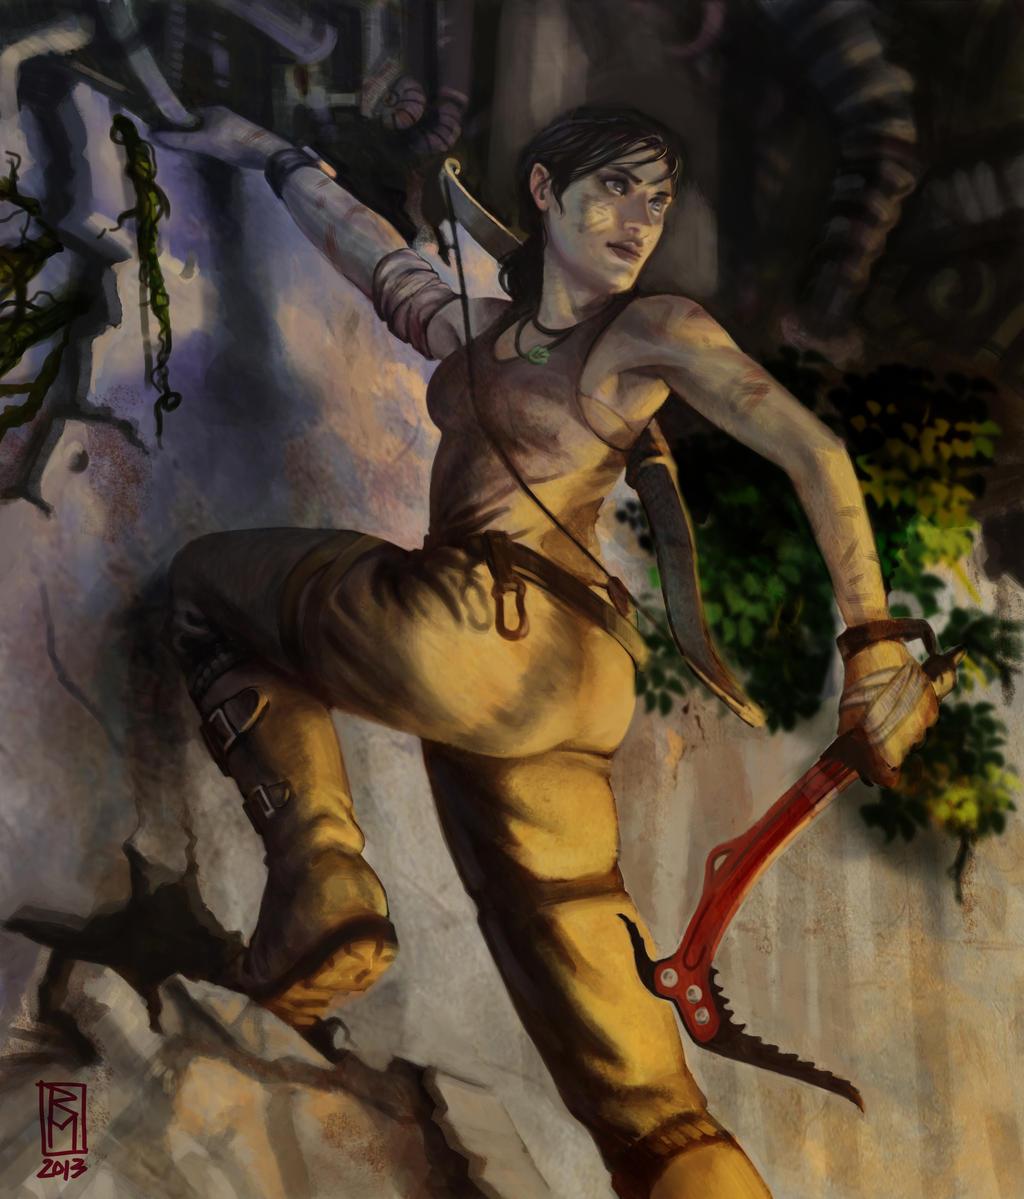 Tomb Raider 2013 Wallpaper: Lara Croft Entry 02 By RMalijan On DeviantArt